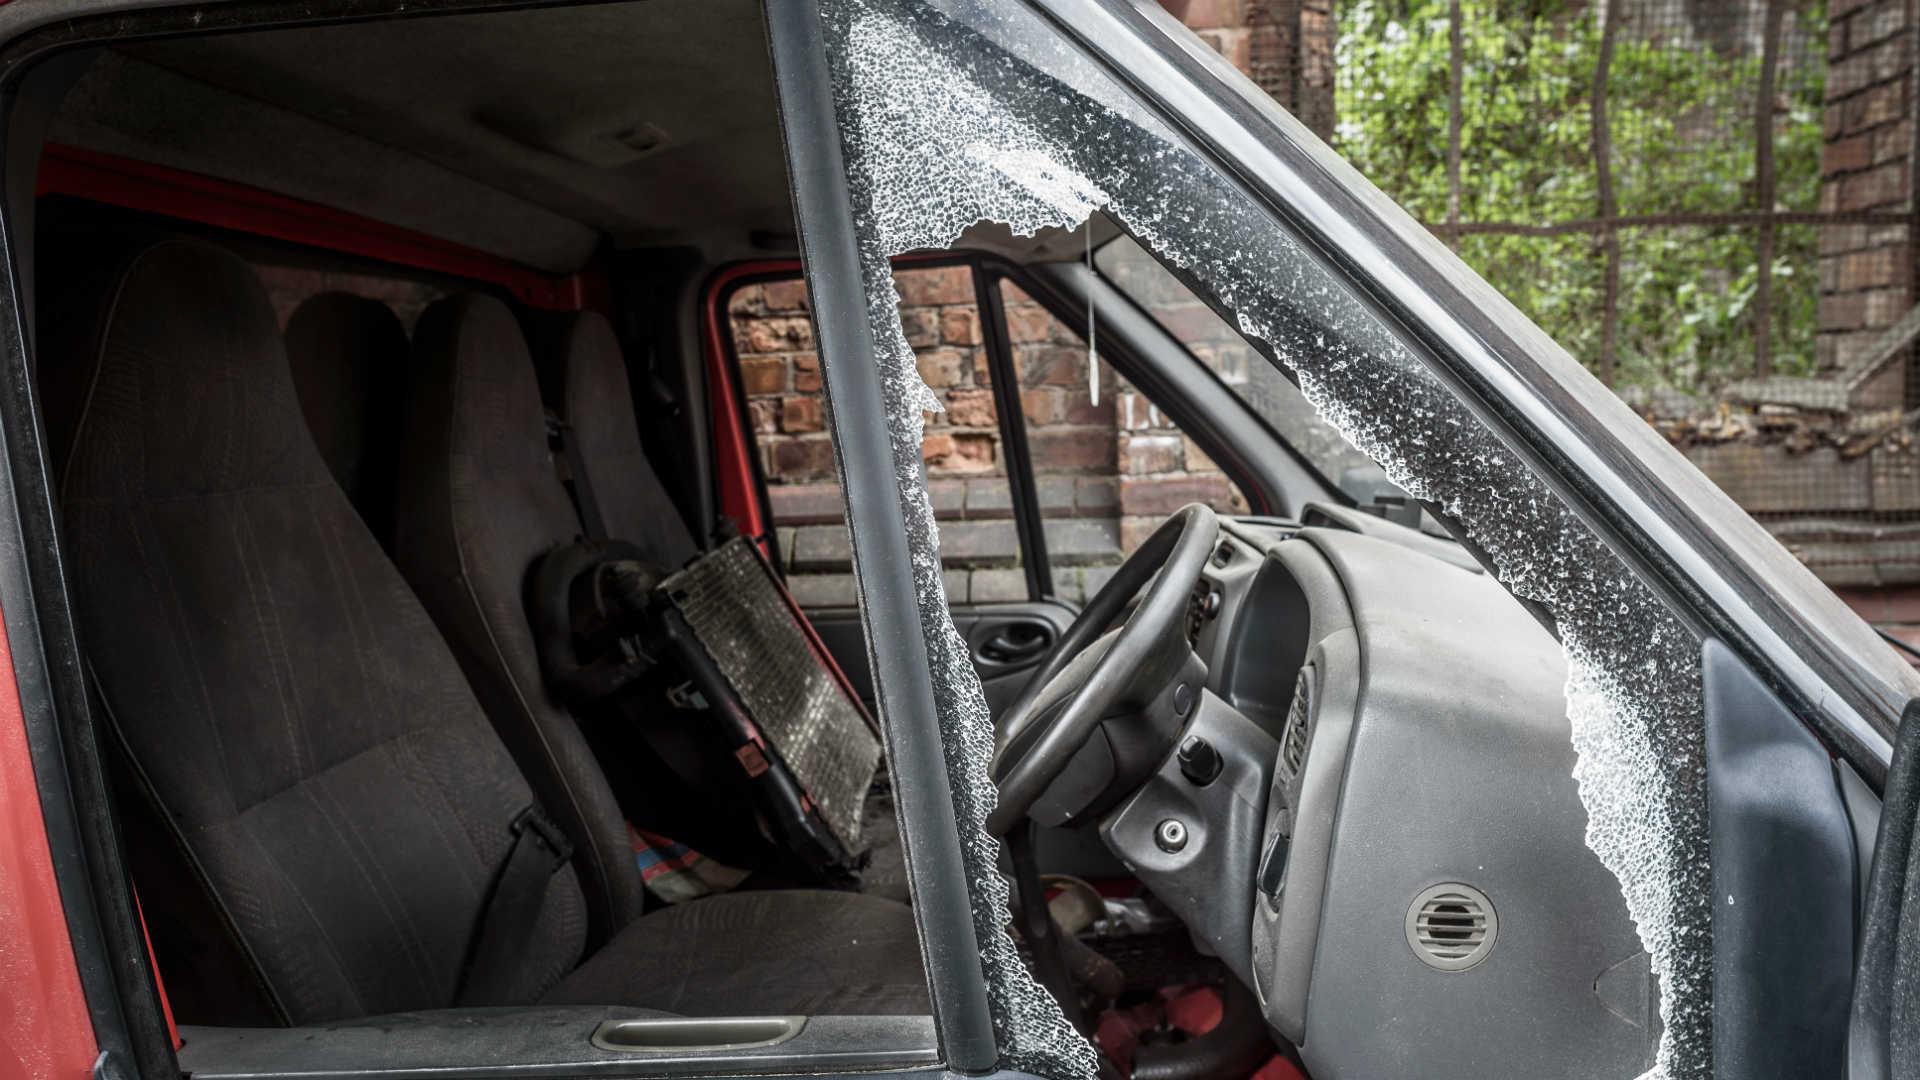 Van thefts